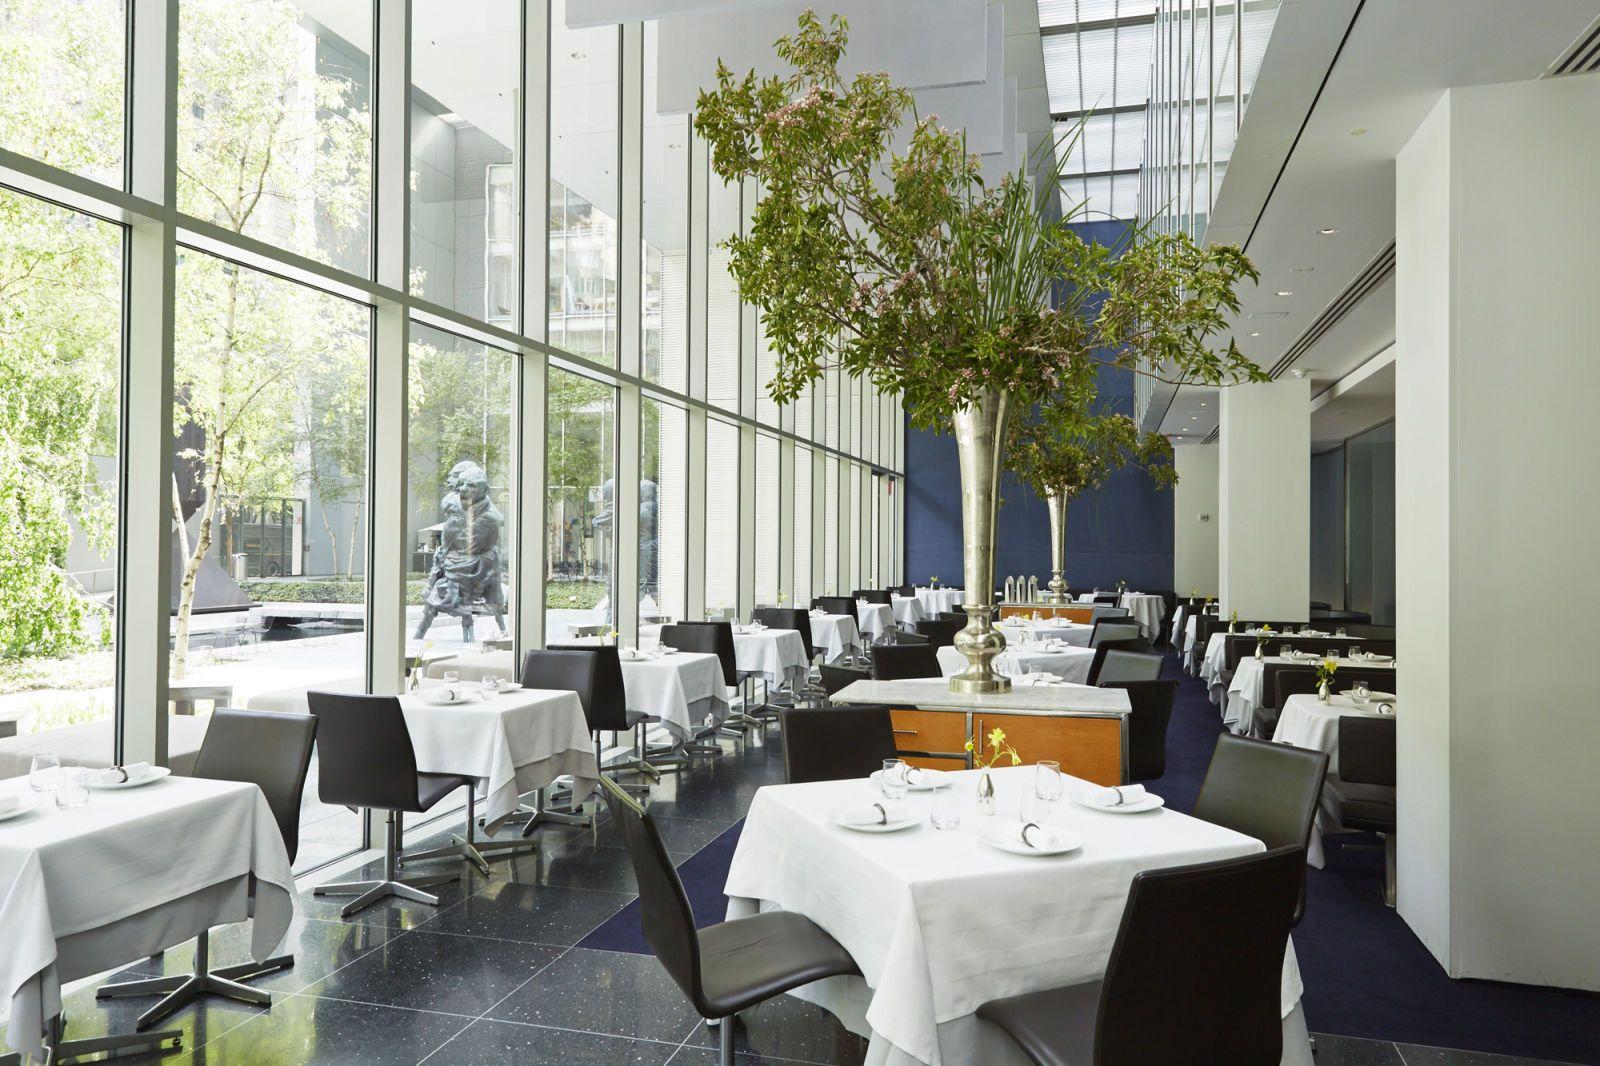 The Best Garden Dining Around The World Restaurant New York Luxury Restaurant Modern Restaurant